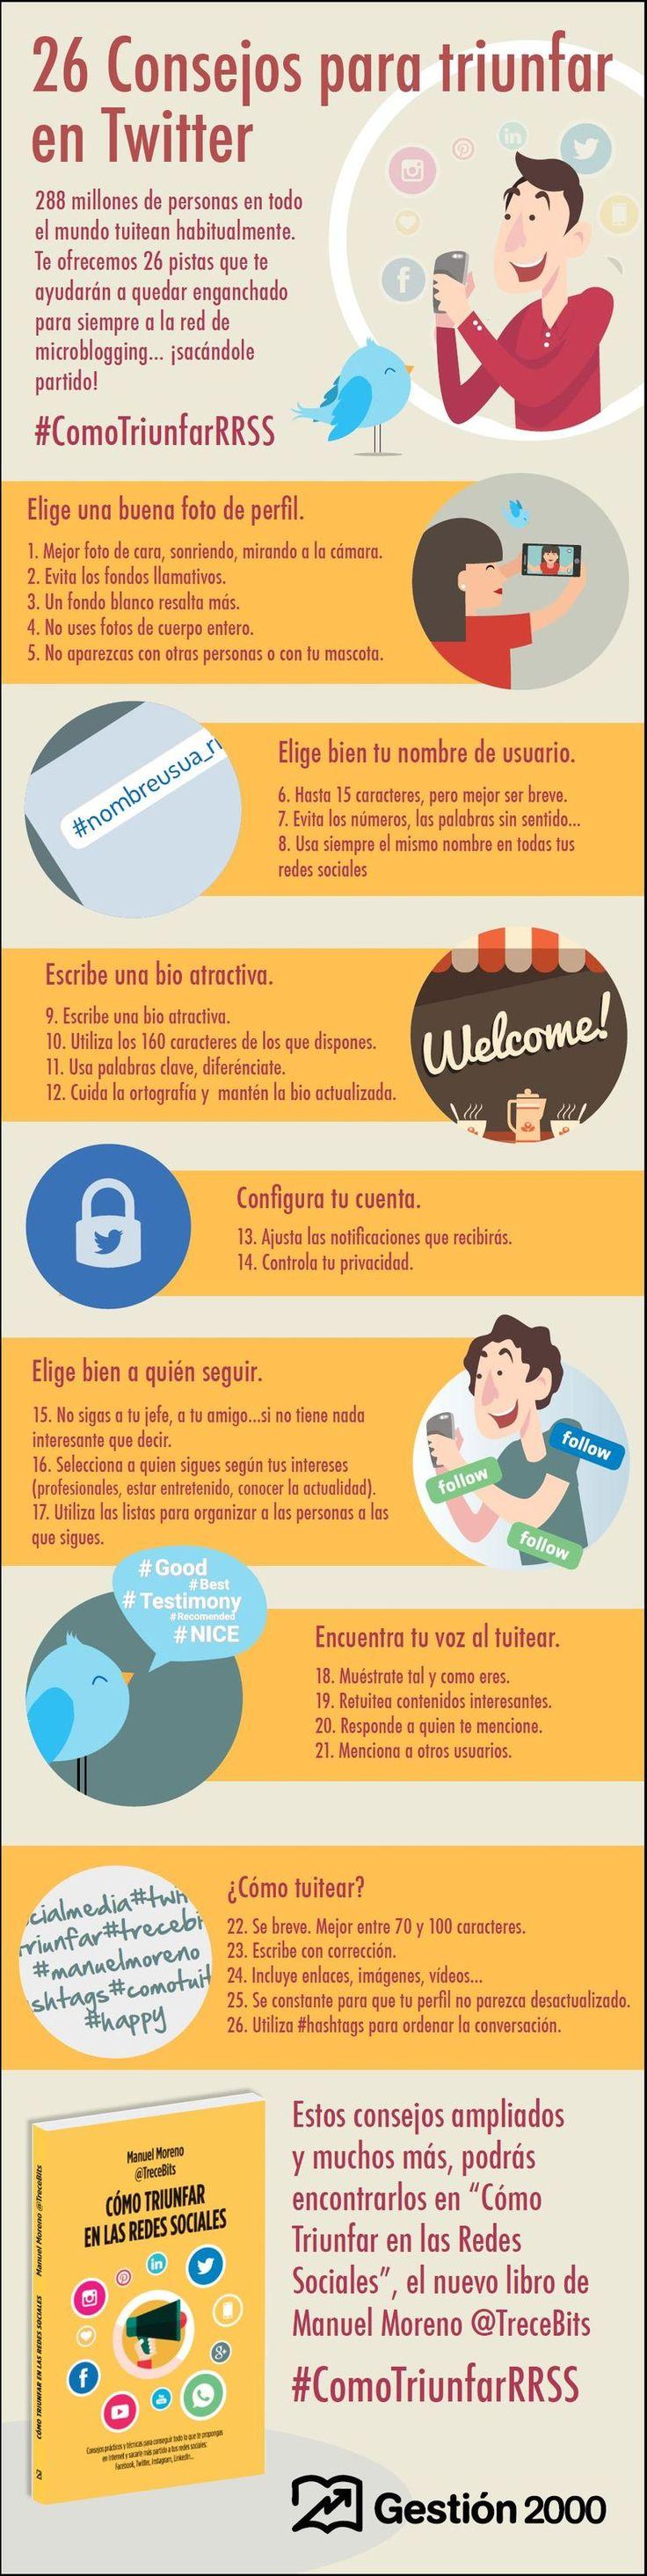 26 consejos que debes conocer para triunfar en Twitter. #infografía en español. #CommunityManager